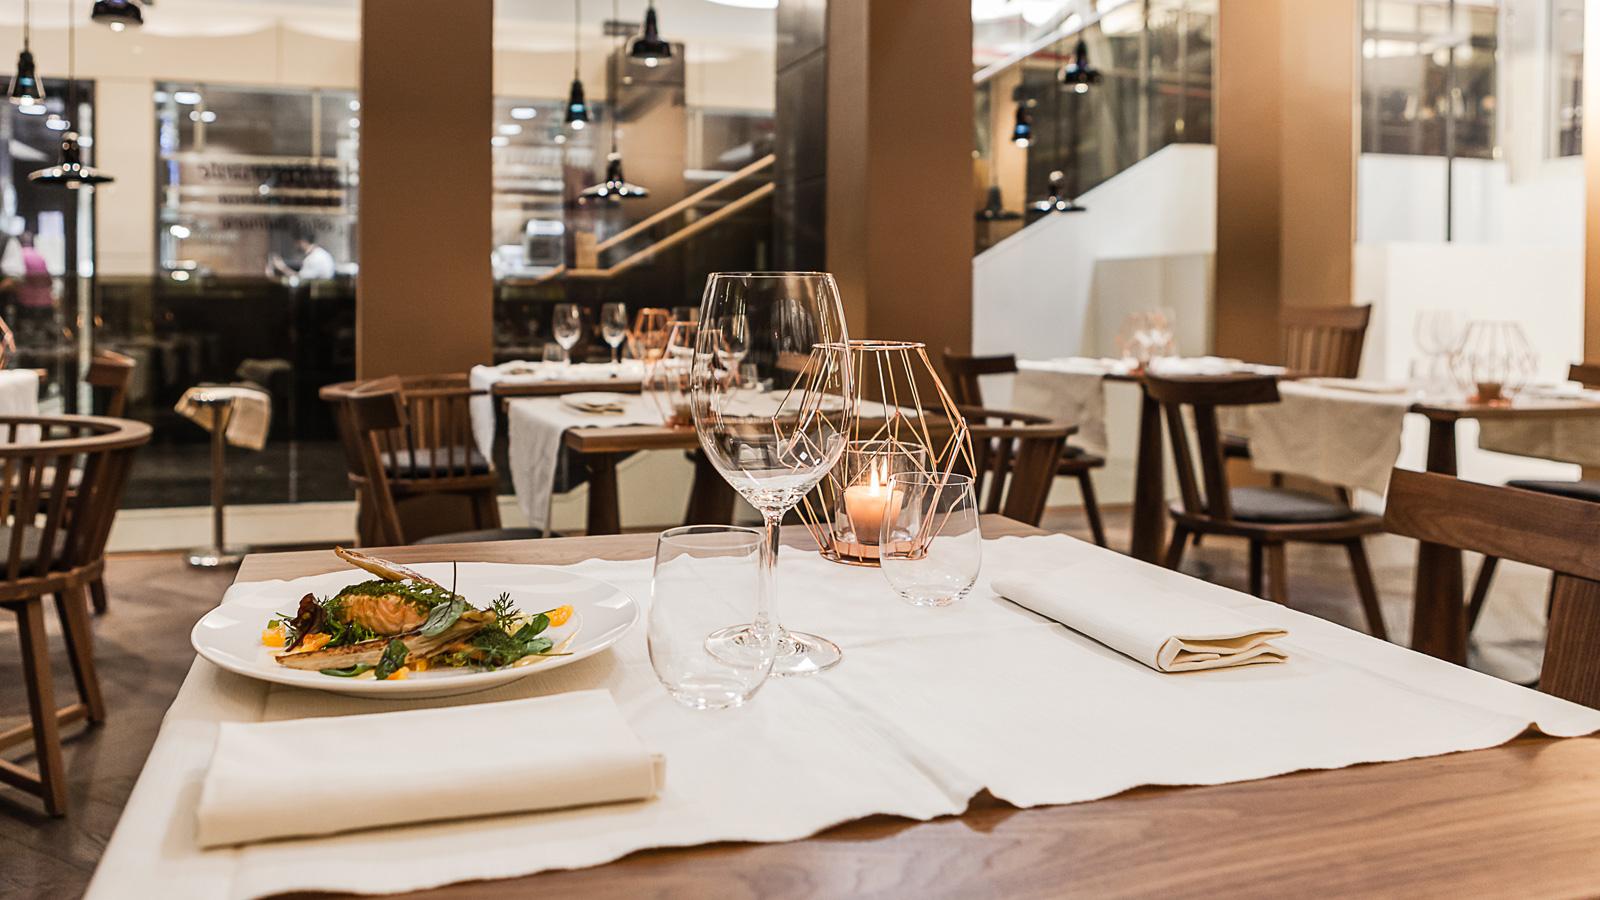 Ristorante La Credenza Galleria San Federico : Fiorfood ristorante a torino